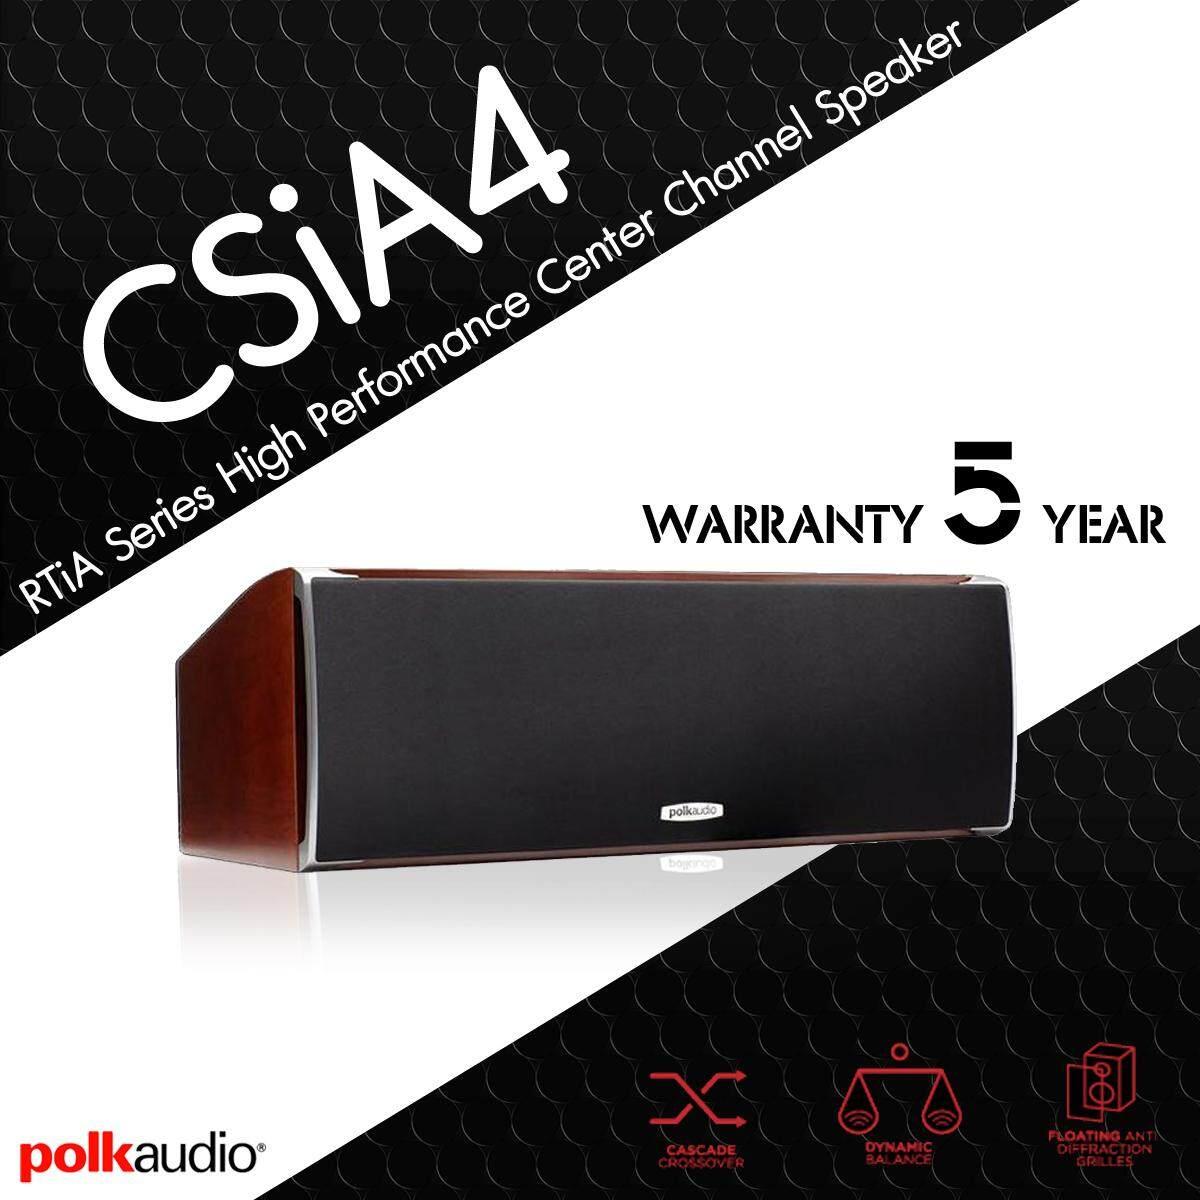 ยี่ห้อไหนดี  กำแพงเพชร Polk Audio CSI A4 Center Speaker รับประกัน 5 ปี POWER BUY จัดจำหน่ายโดย LENNSHOP ตัวแทนจำหน่ายเป็นทางการ